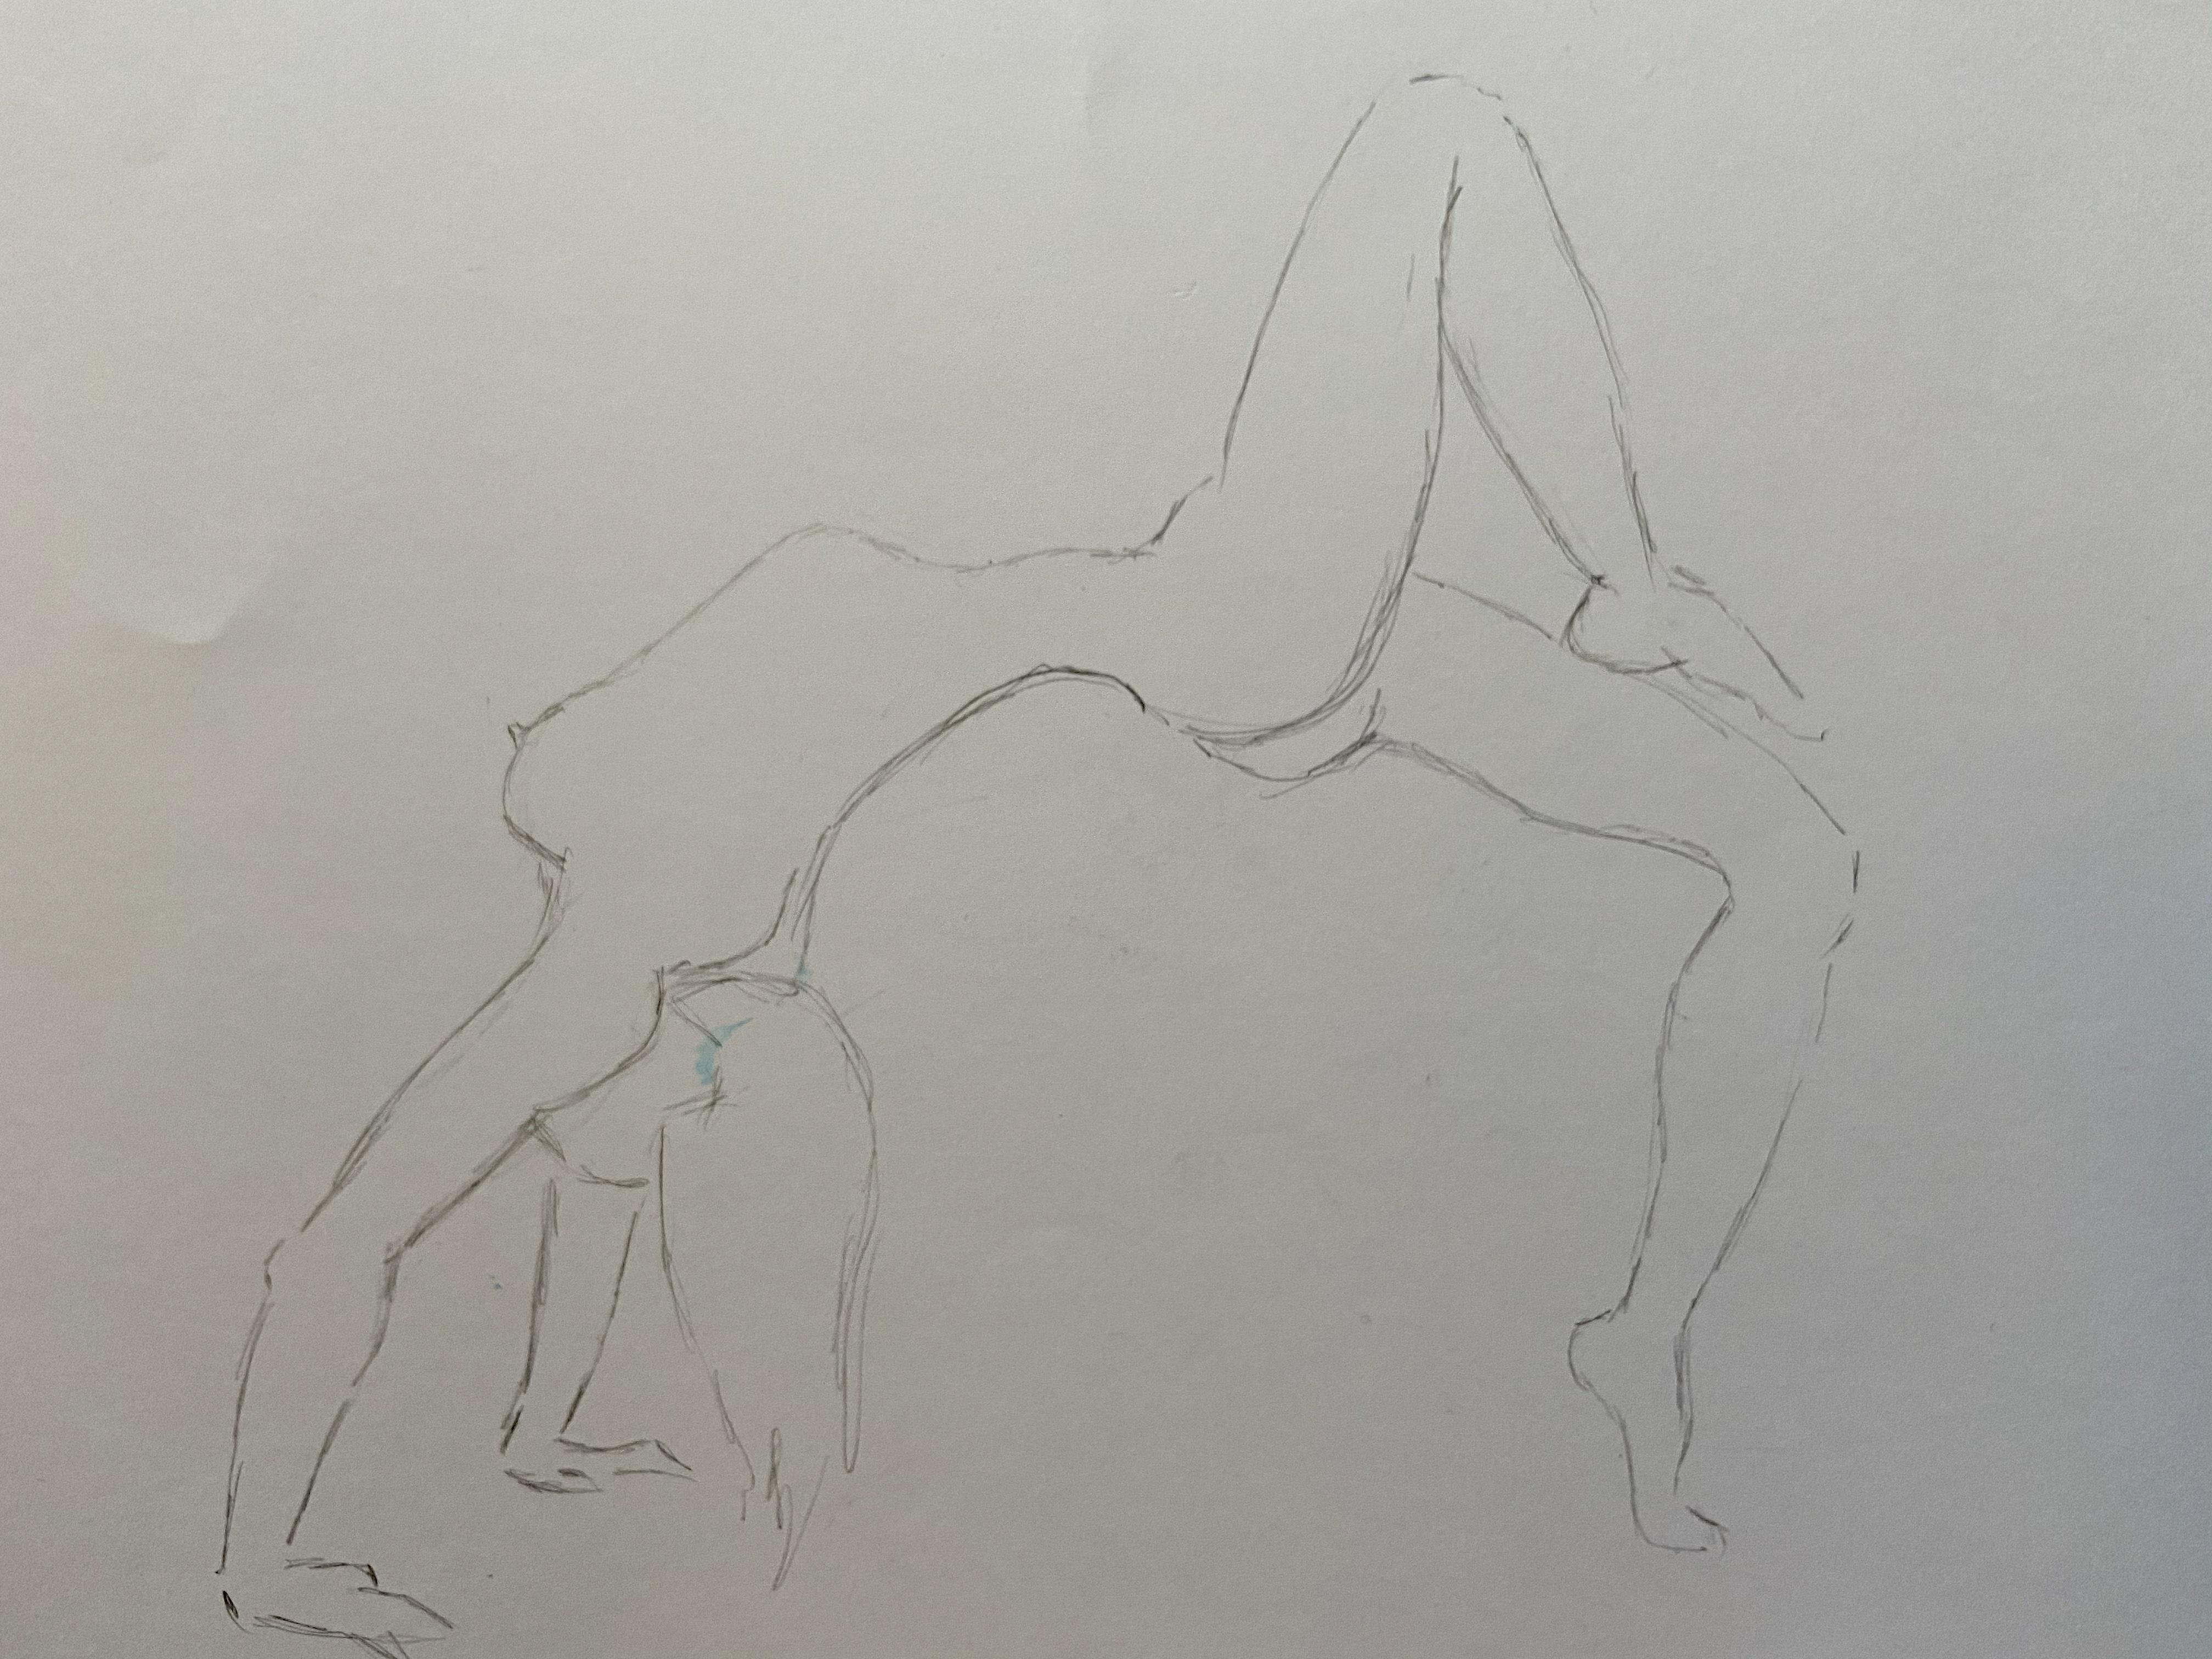 Dessin au trait rapide mod�le  cours de dessin